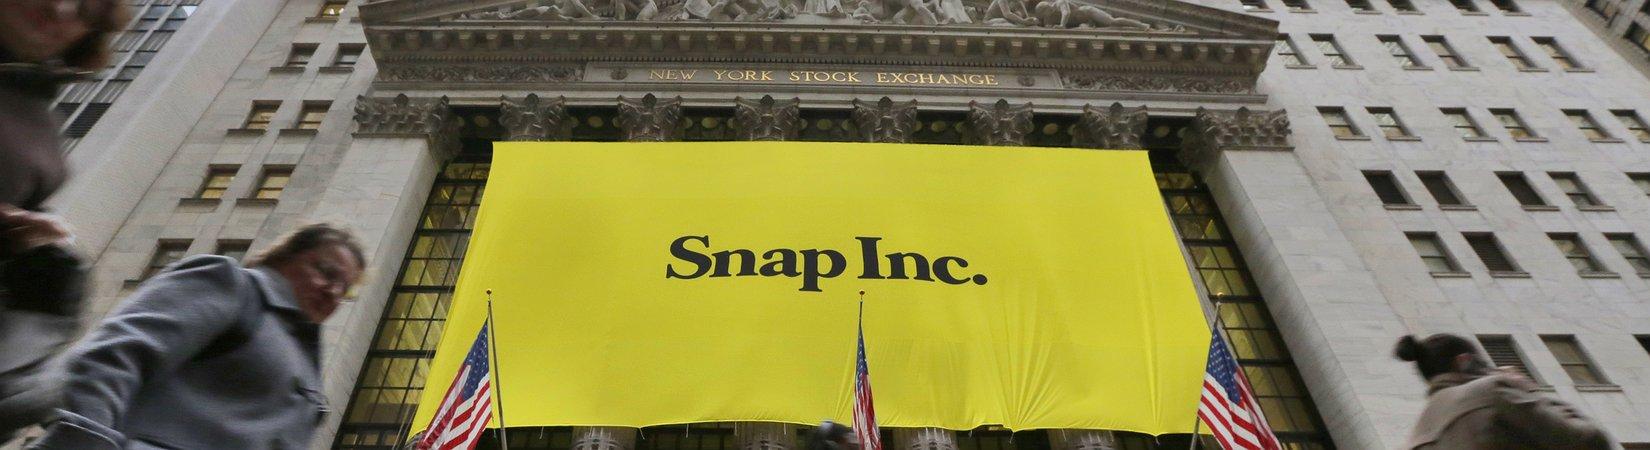 Snap, empresa por detrás do Snapchat, estreia-se hoje em bolsa